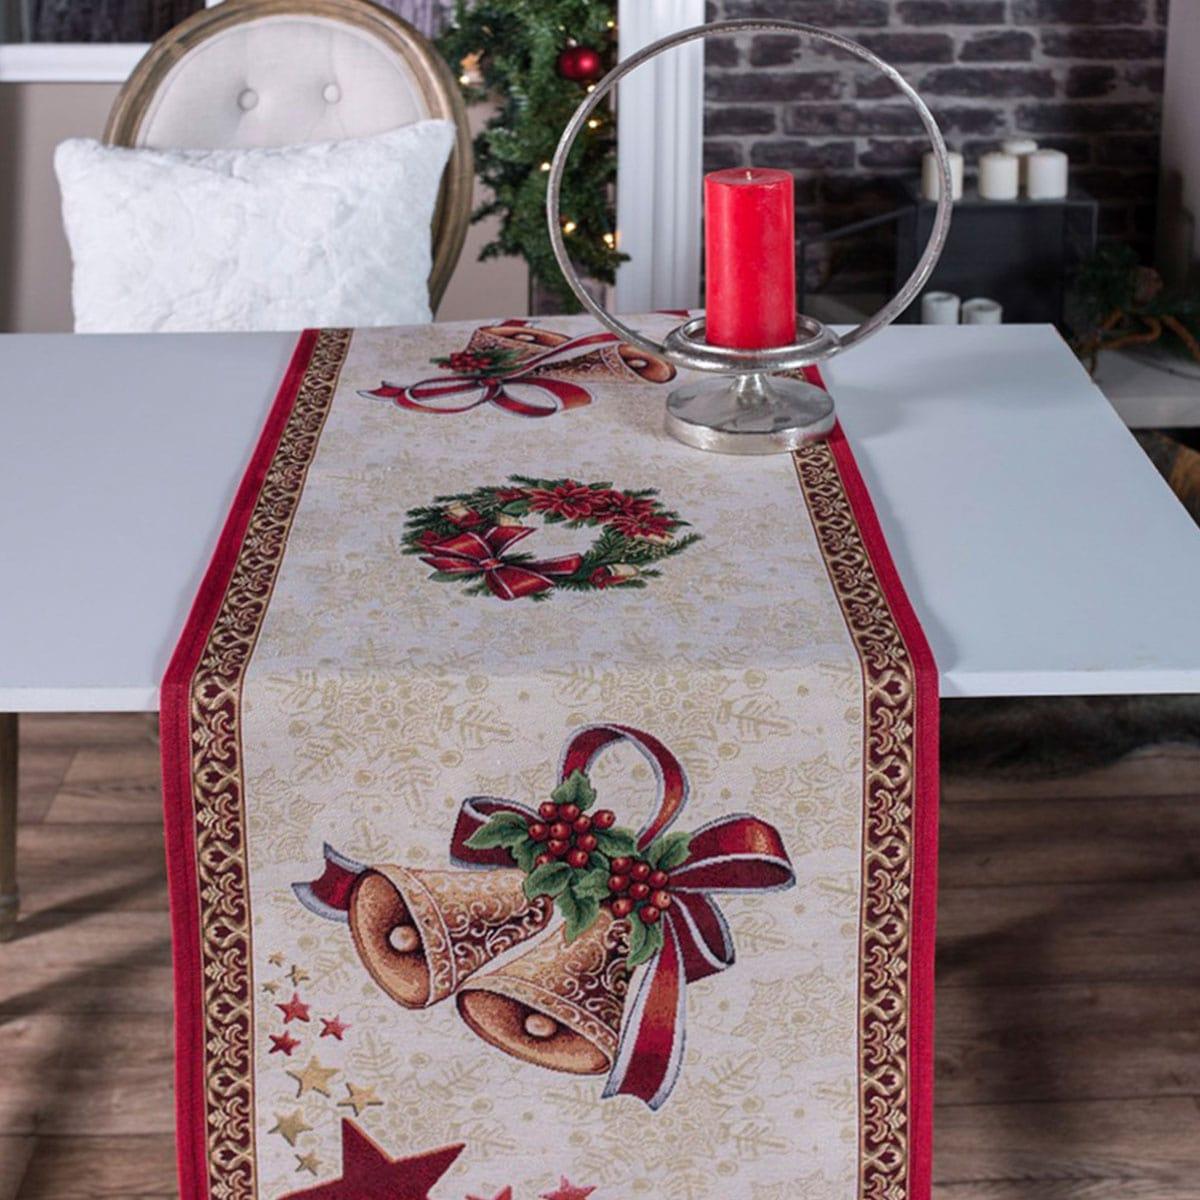 Τραβέρσα Χριστουγεννιάτικη Festive Multi Teoran 40Χ150 45x140cm